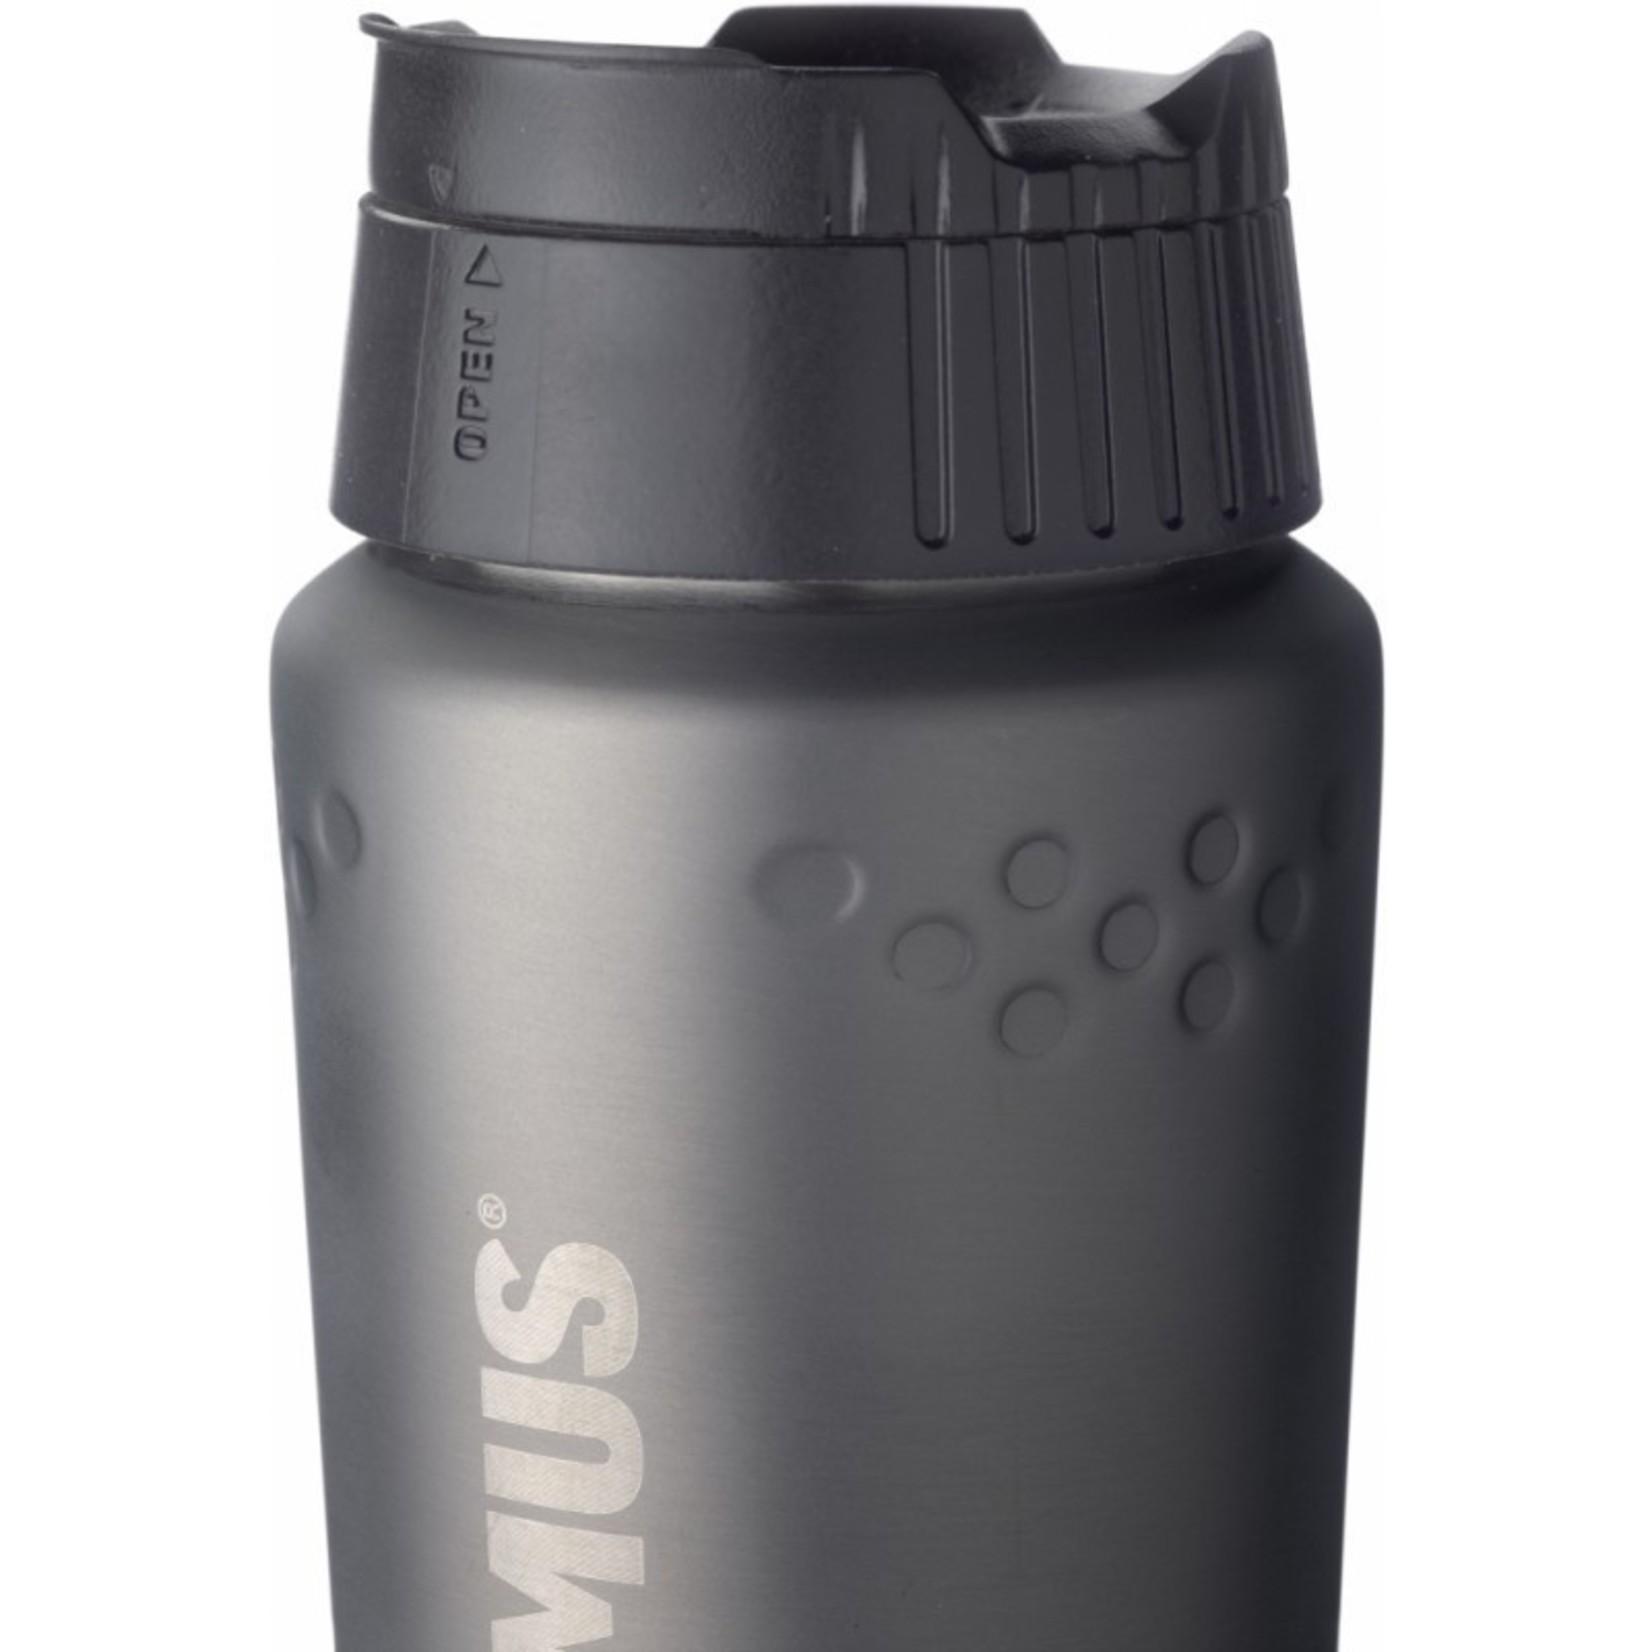 Primus Primus Trailbreak thermosfles 0,5 liter rvs